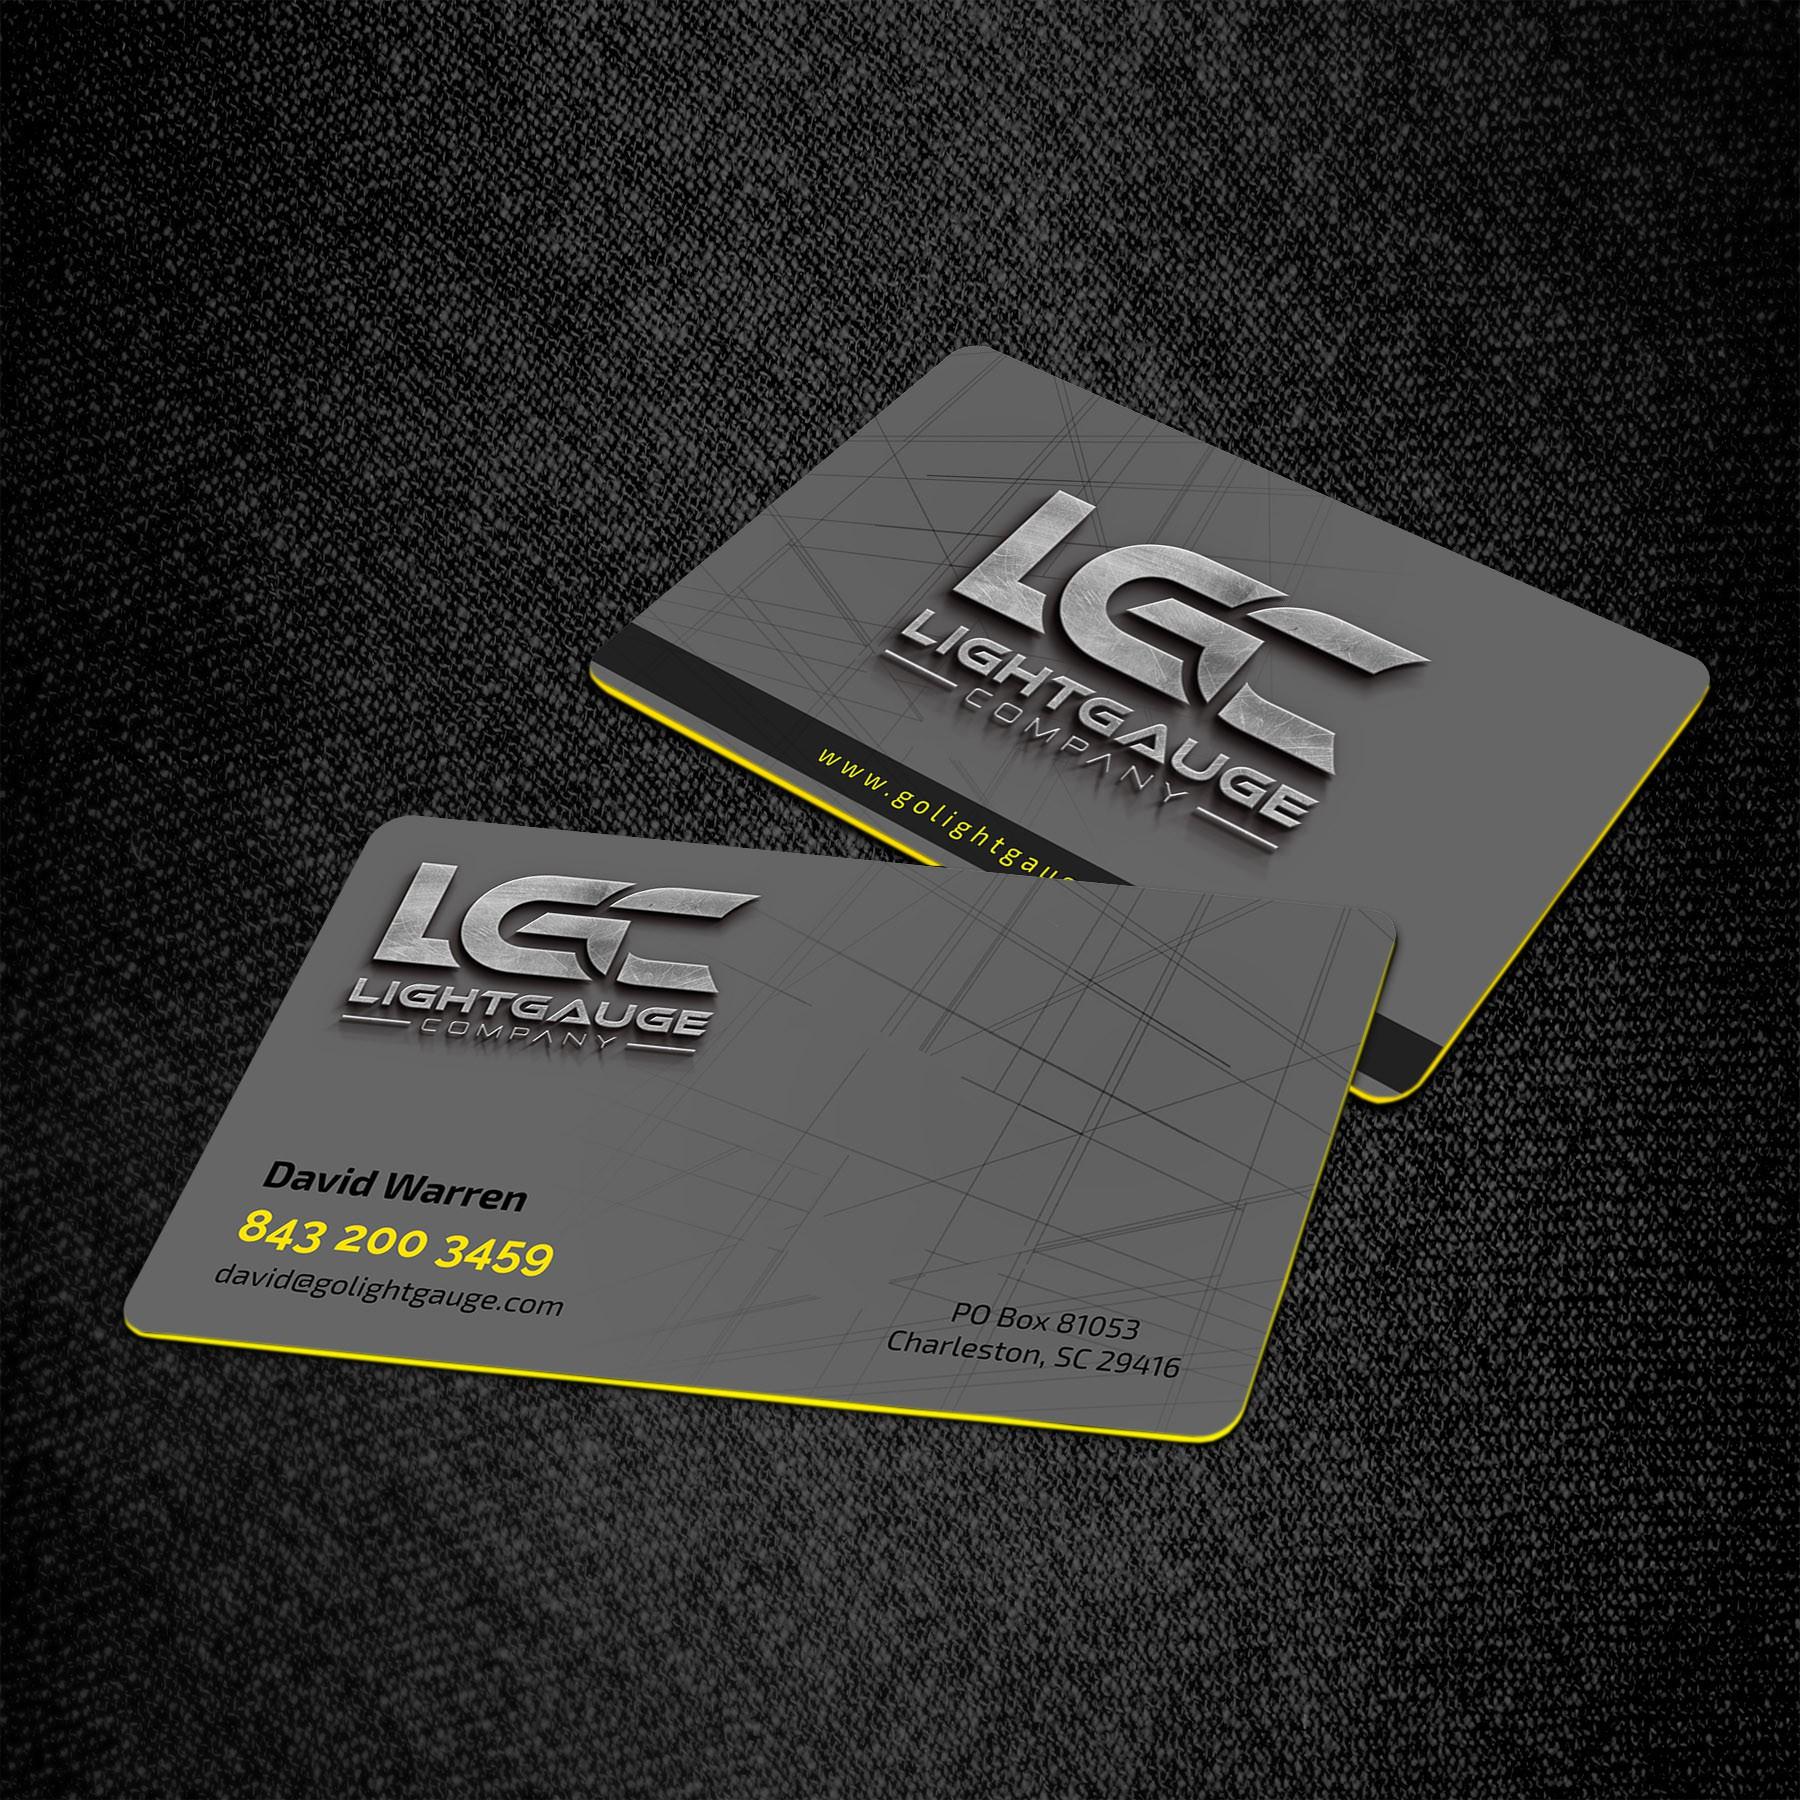 Lightgauge Business Cards